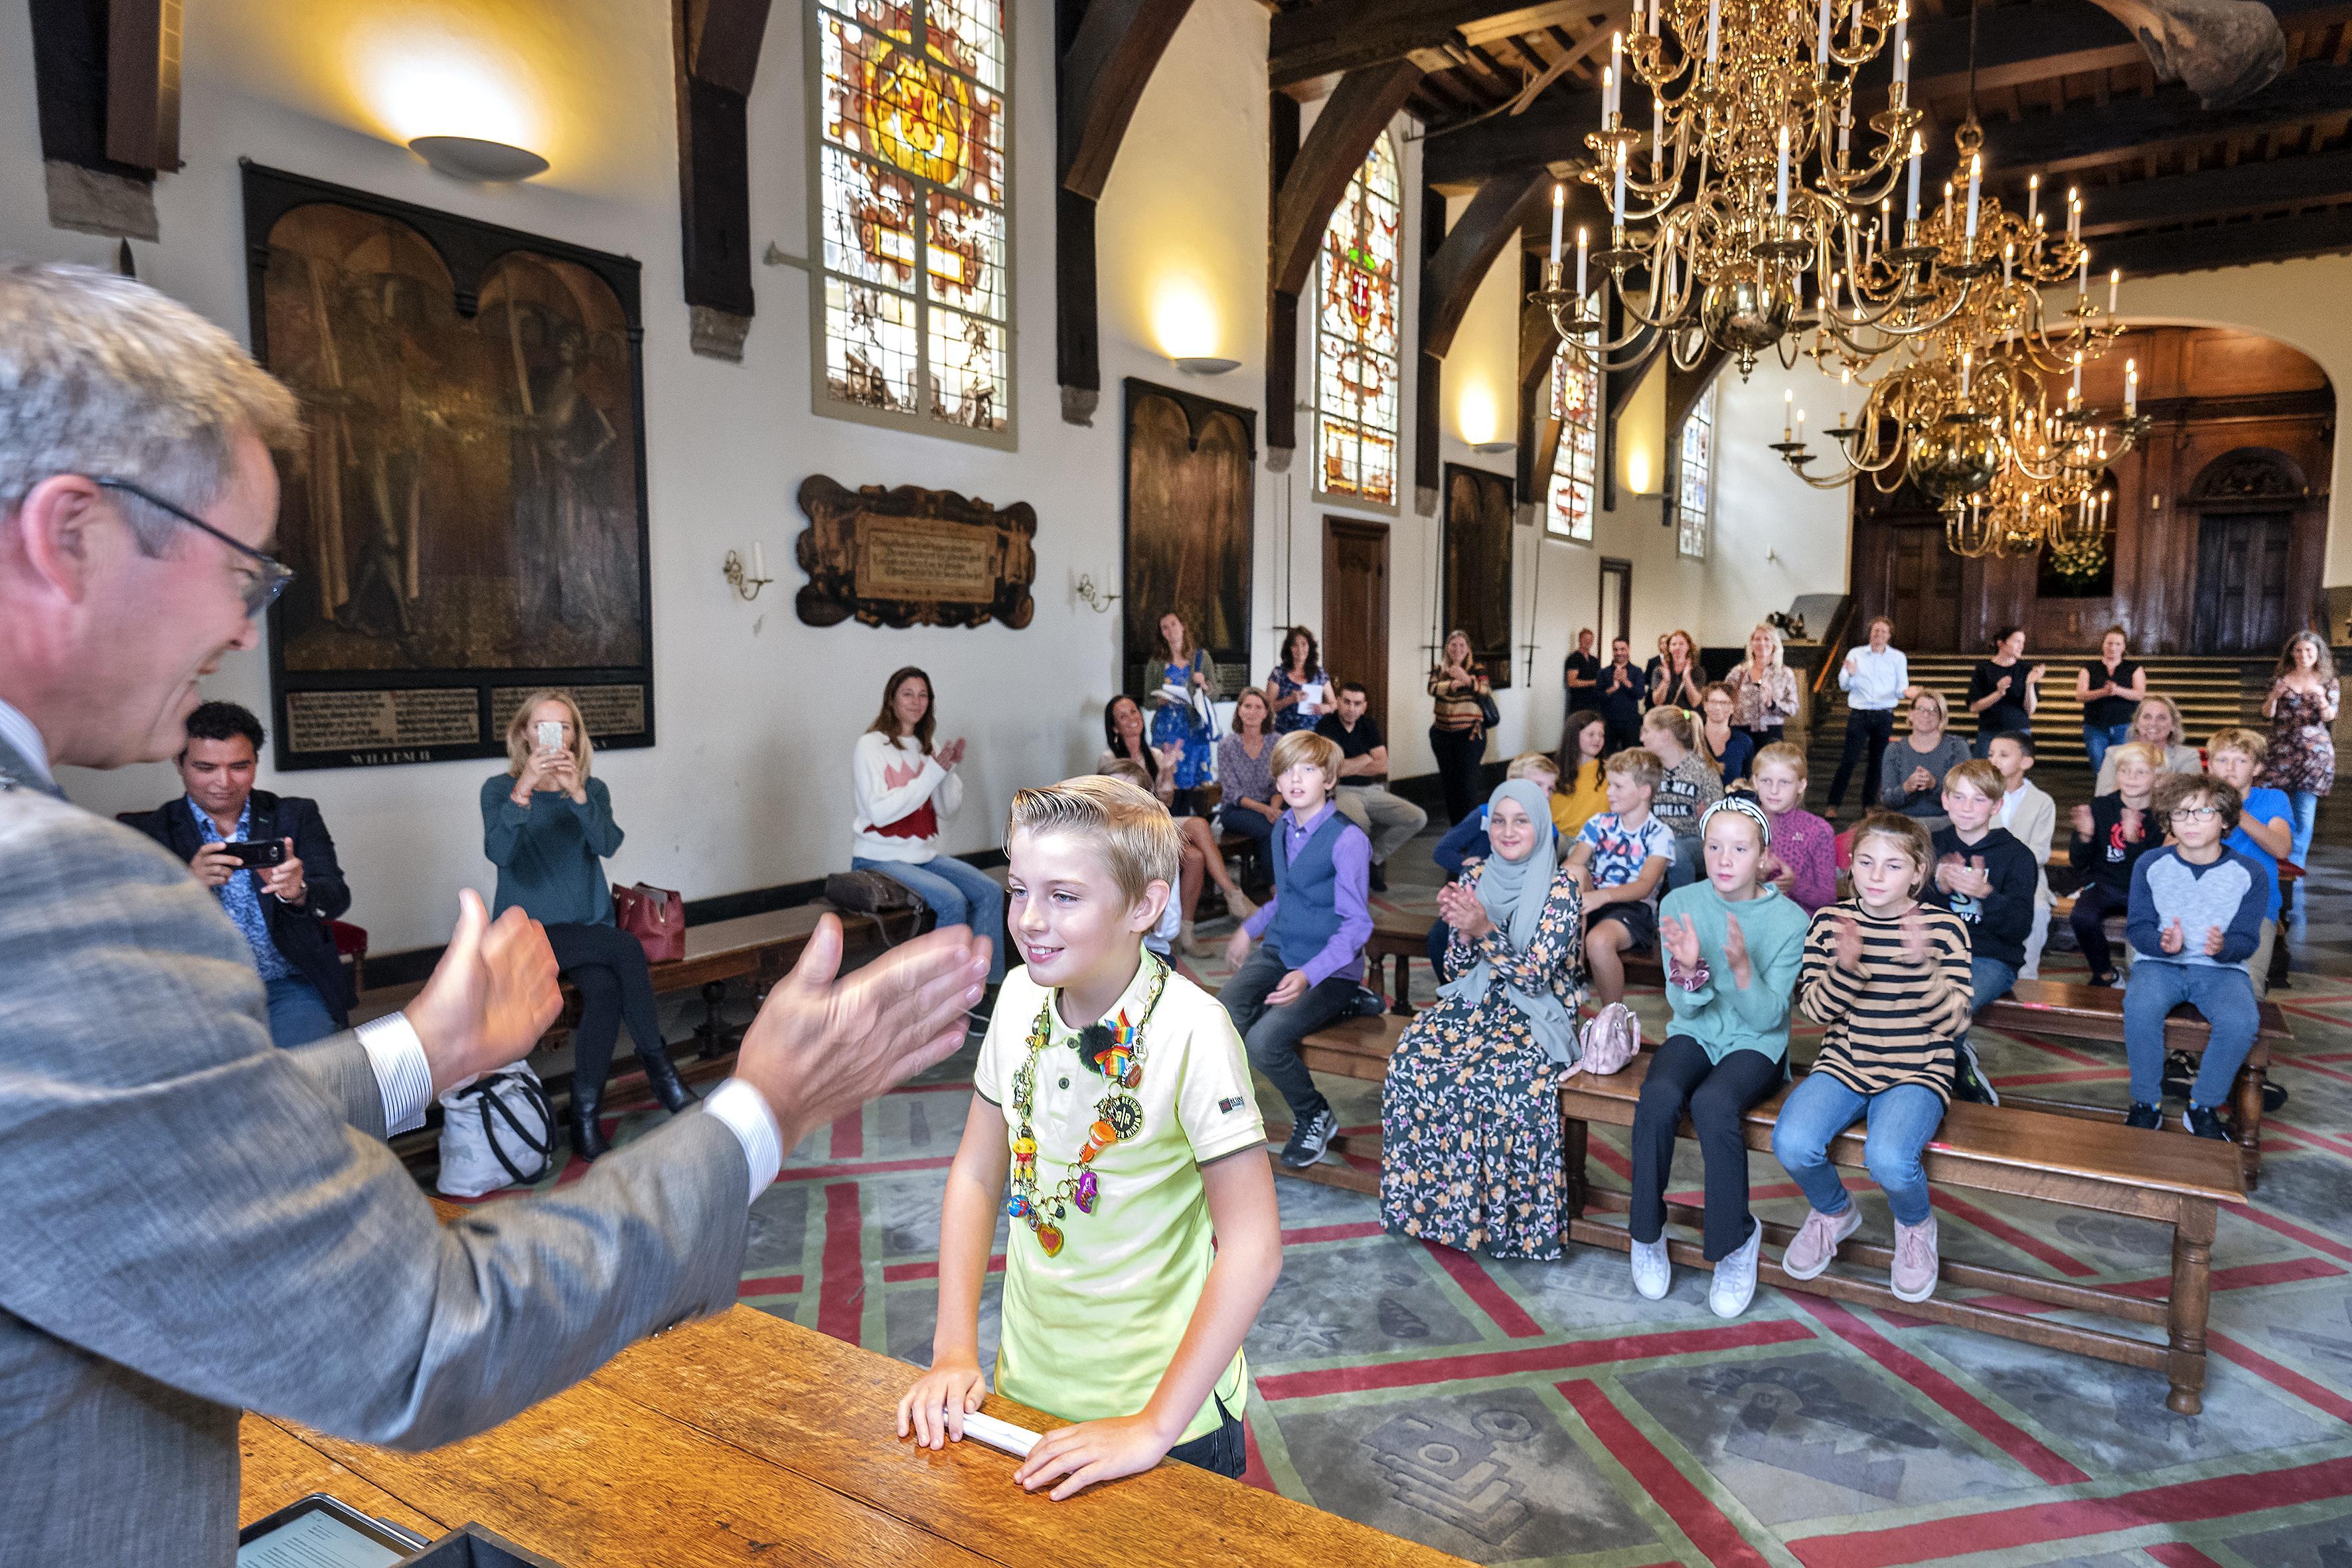 Kersverse en piepjonge Haarlemse 'politici' filosoferen over een mooiere stad: 'Iets doen tegen racisme en kauwgom op straat'